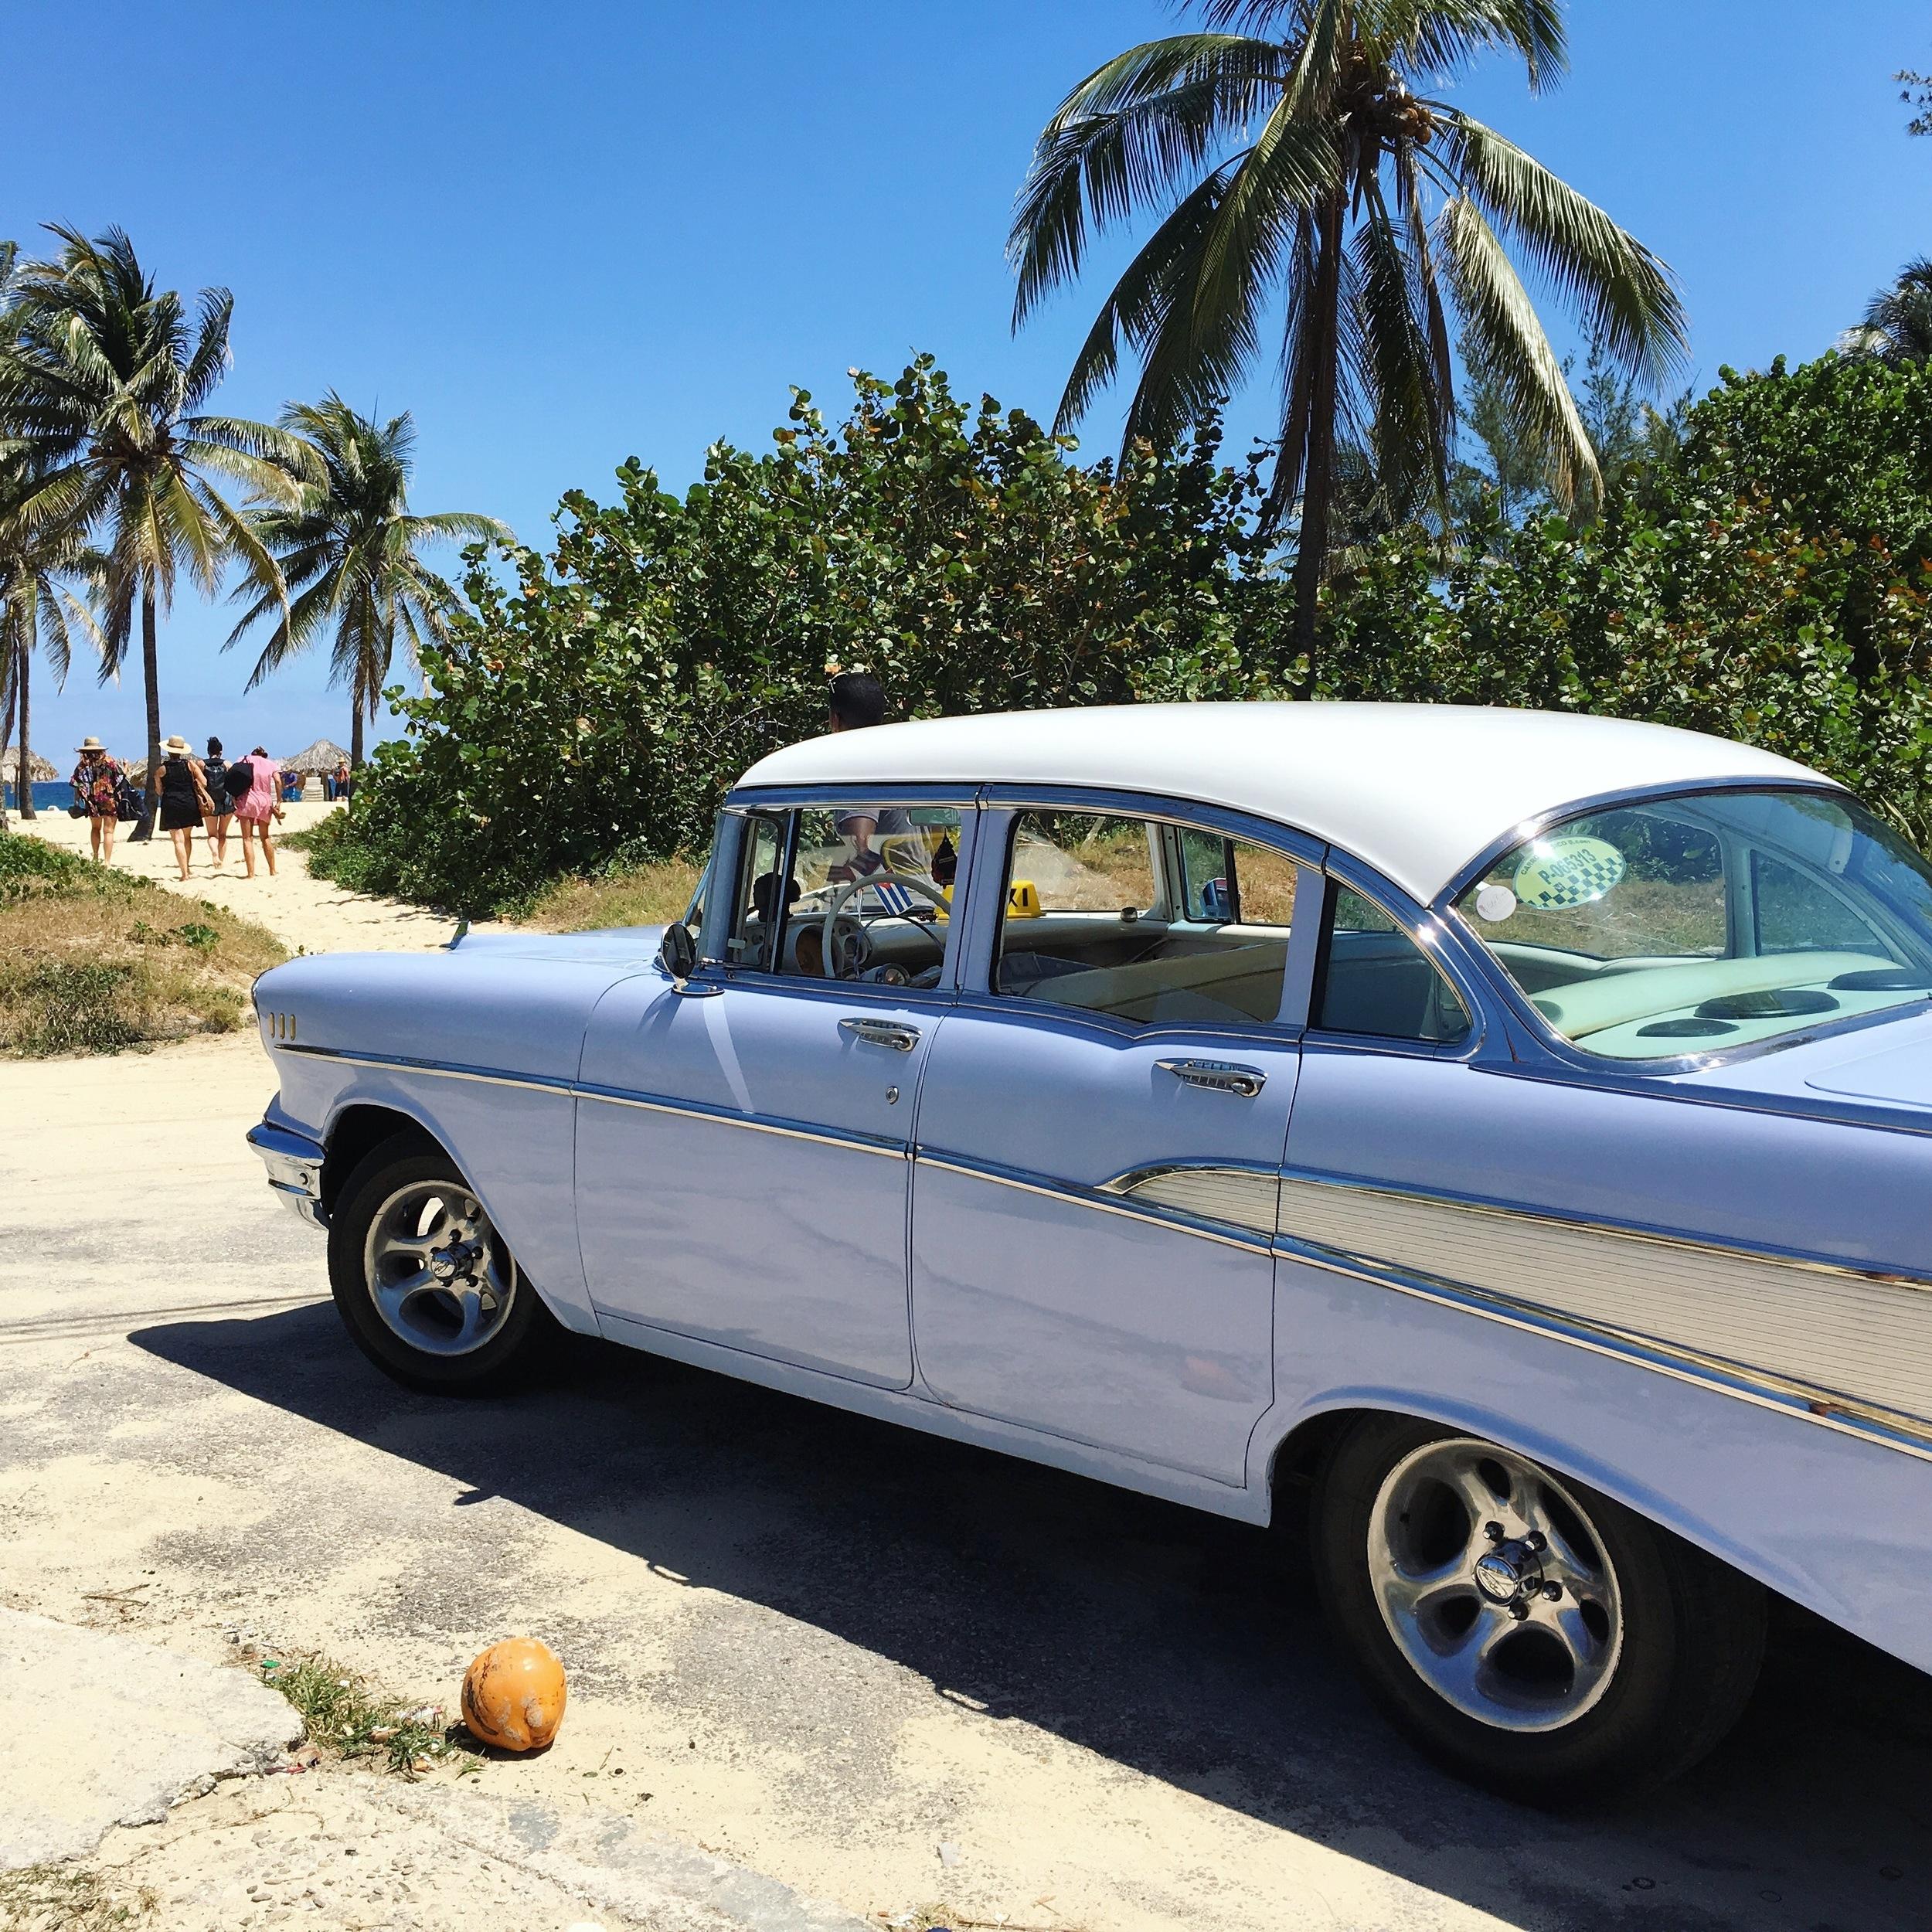 Cuba, December 4-10th 2016